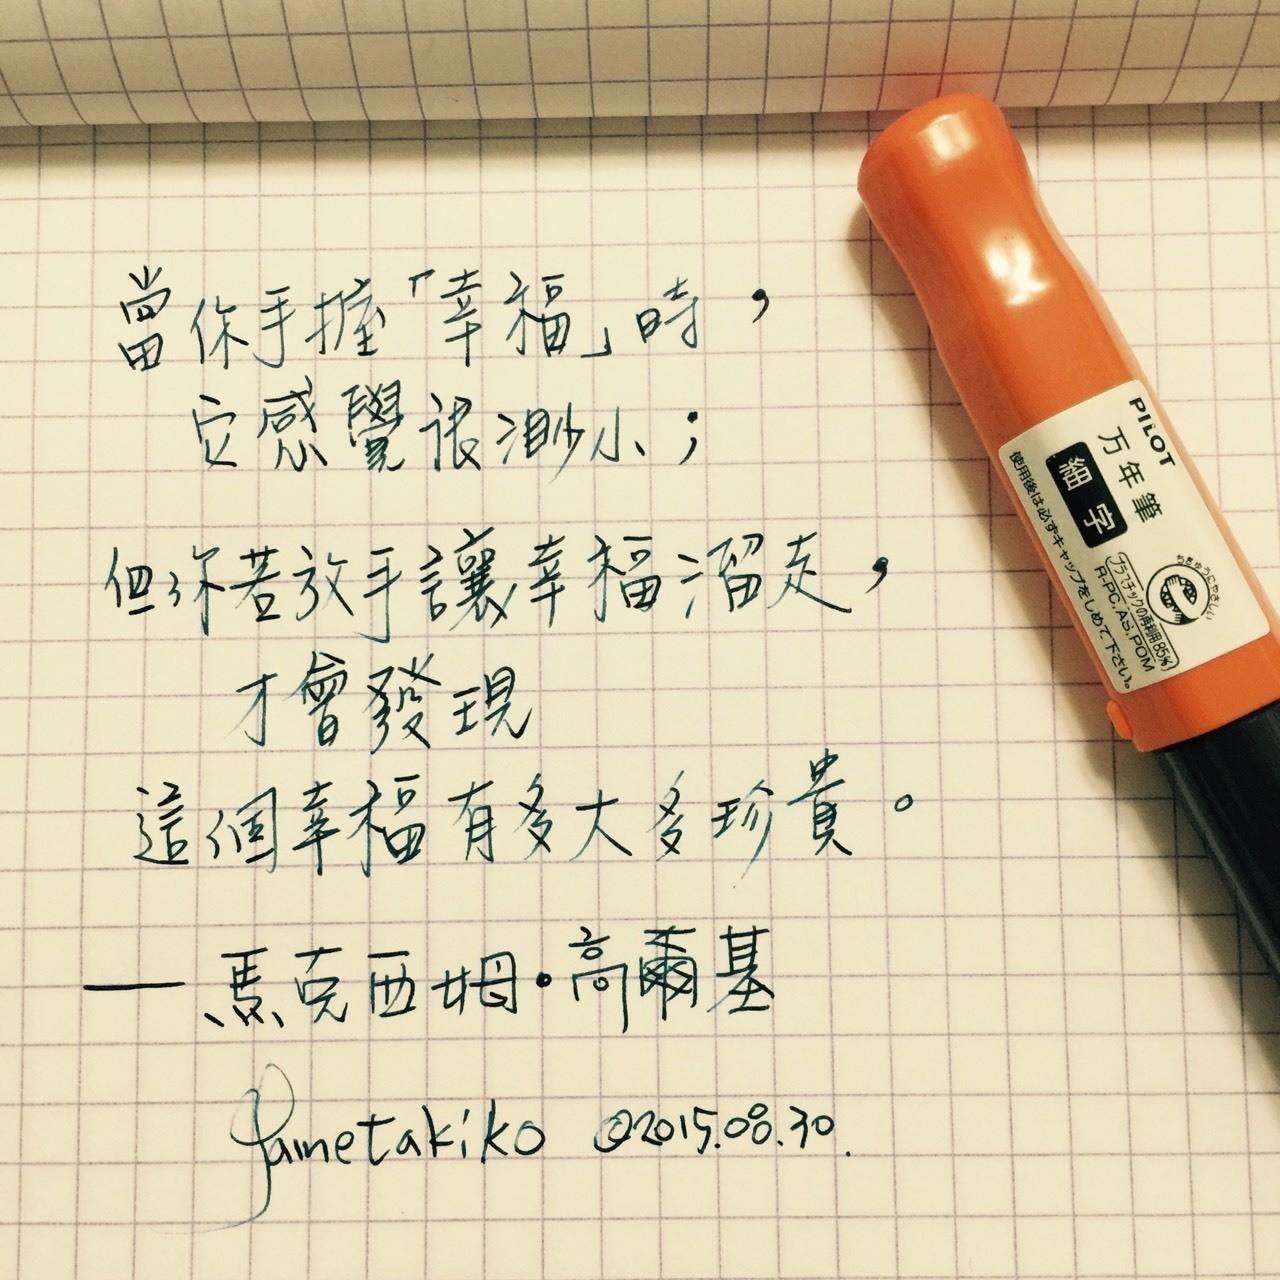 手中的 幸福 #鋼筆 #每日一句 #沉浸在文字間 #私領域